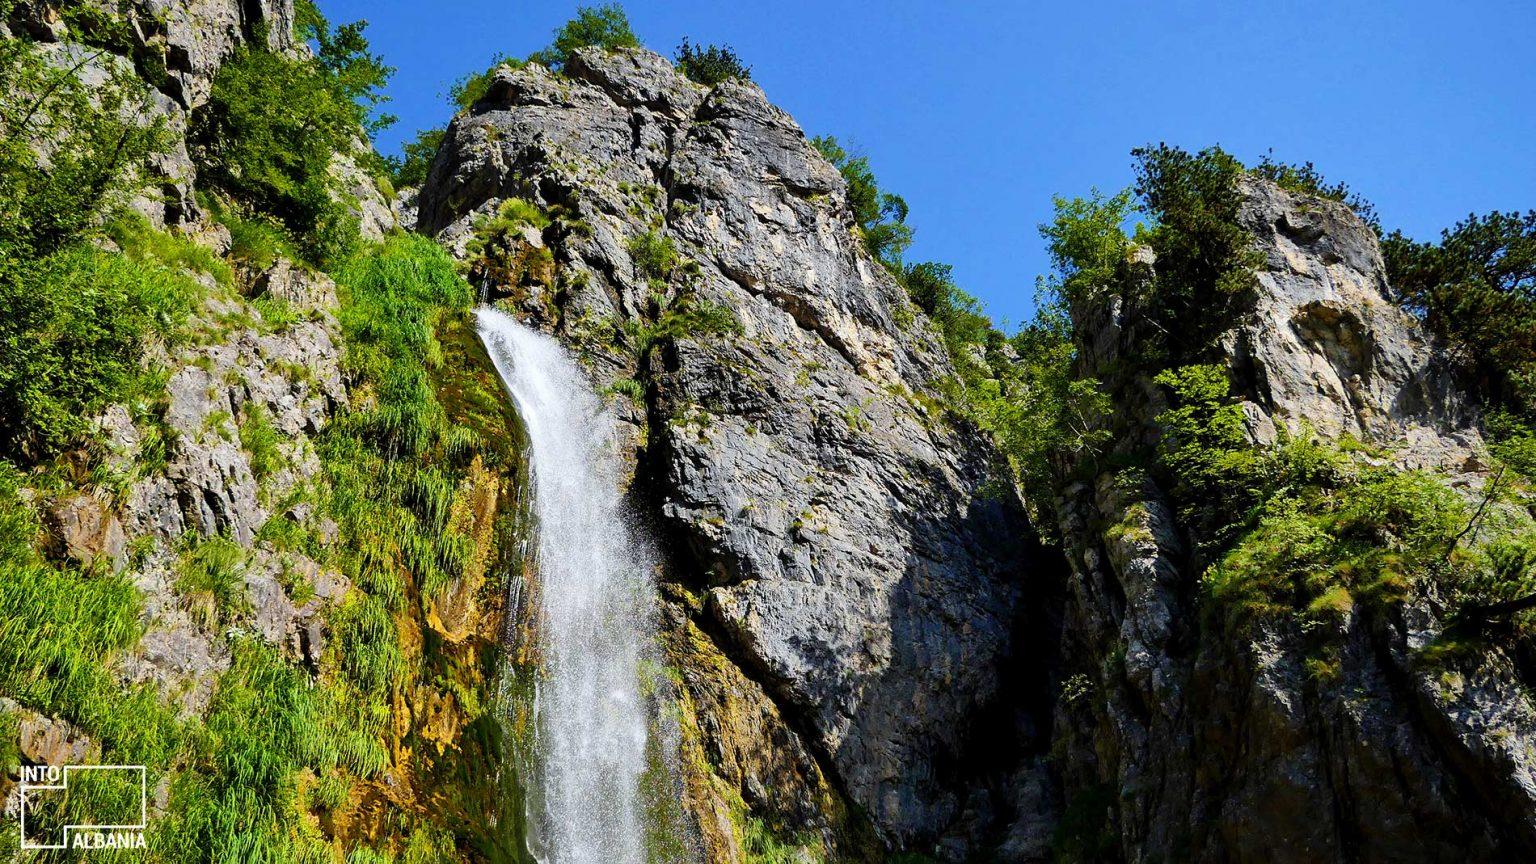 Theth National Park